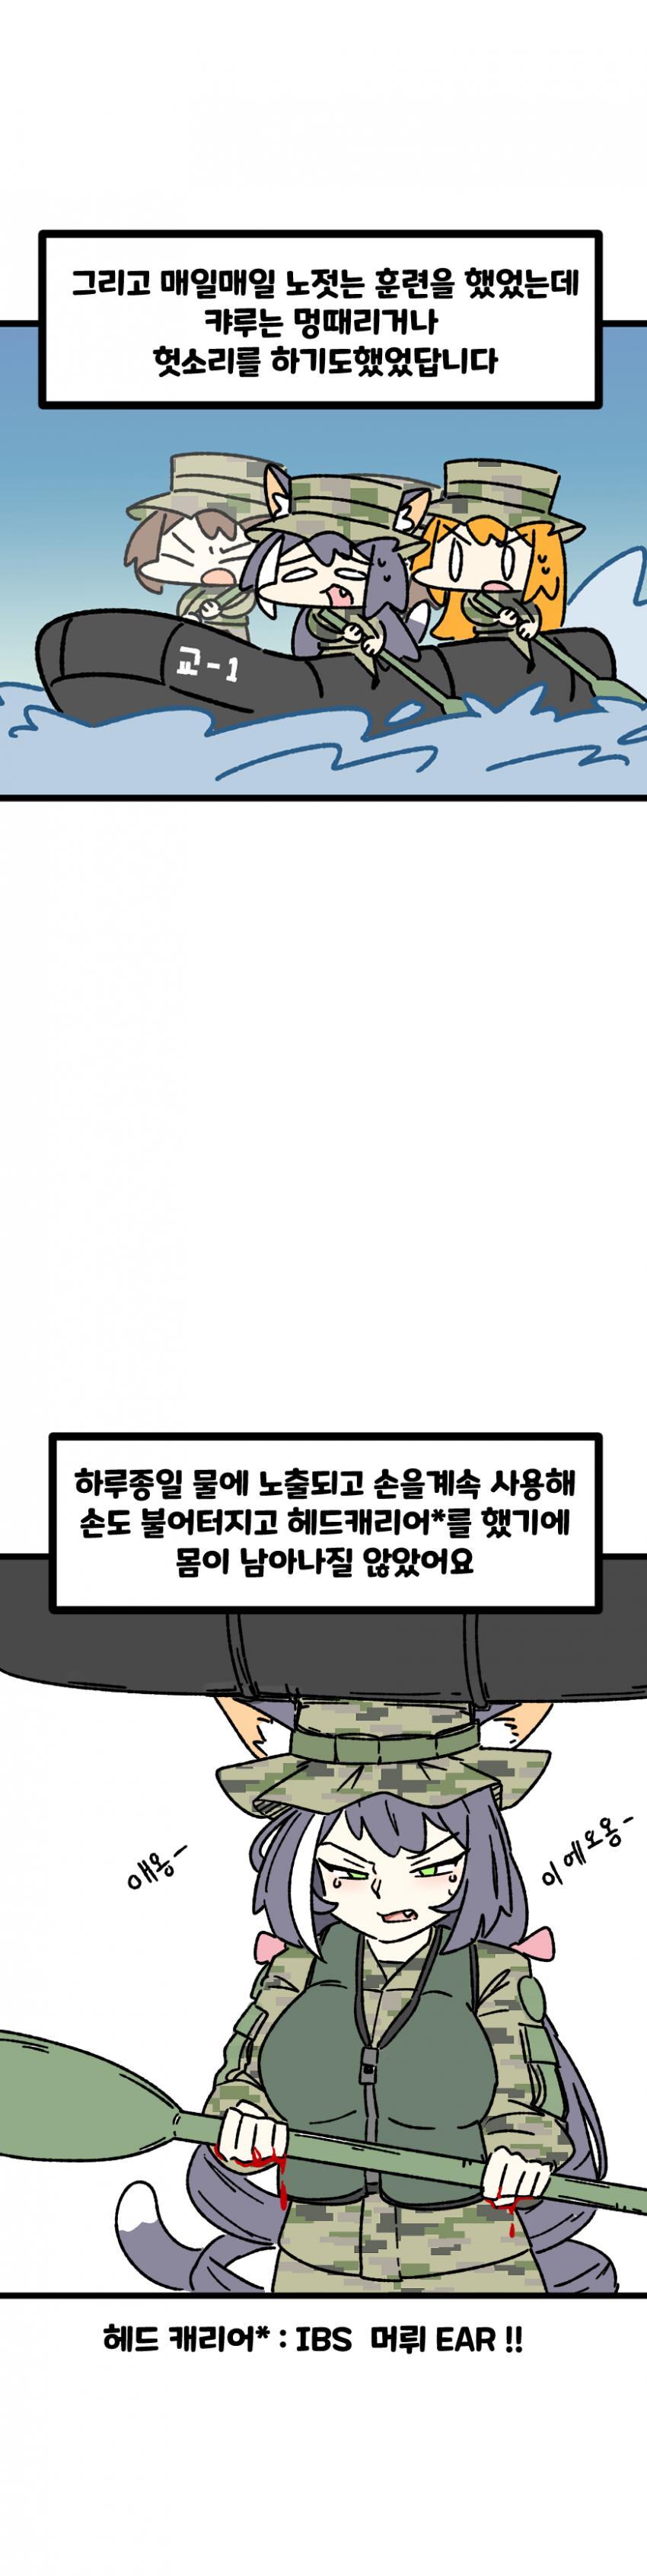 viewimage.php?id=2ebcc232eadd36&no=24b0d769e1d32ca73fec8ffa11d0283194eeae3ea3f7d0da351cf9d343807012292cb4dd413190a65cf8a07dc783c8aea776fb3abe7cc045dec5ef1537445e82e6